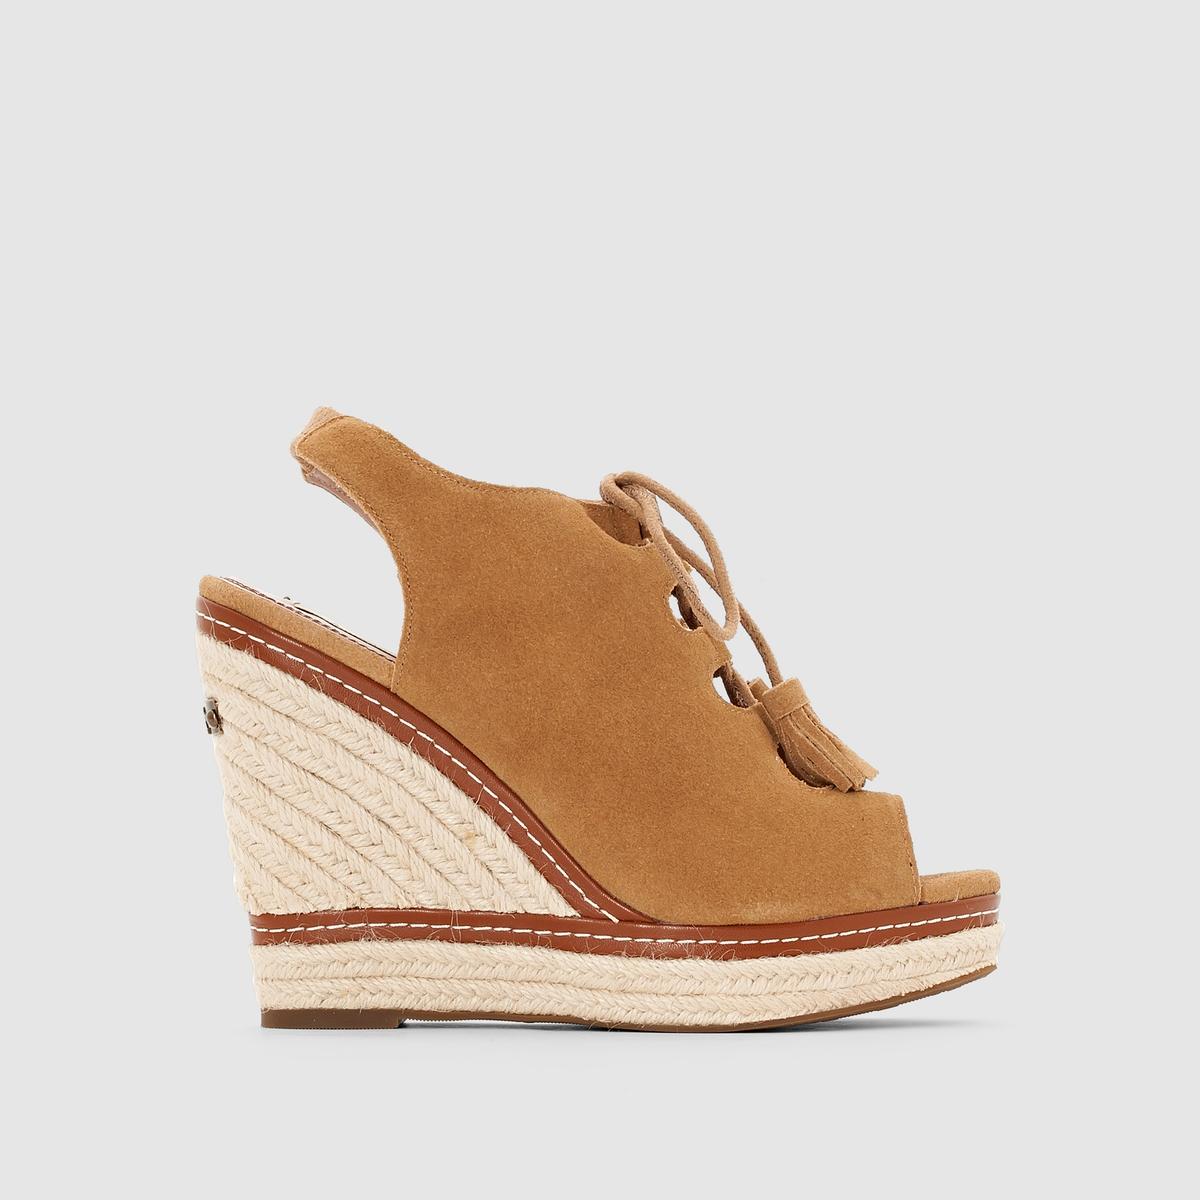 Босоножки PEPE JEANS WALKER CORSEБосоножки на танкетке и шнуровке, WALKER CORSE от PEPE JEANS.Верх  : замша, яловичная кожа Подкладка  : кожа Стелька  : кожа Подошва  : из эластомера. Застежка   : шнуровка   Высота каблука   : 11 см   Pepe Jeans, известная английская марка с акцентами в стиле рок, искусно применяет модные тенденции в производстве обуви ! Отличные, оригинальные и стильные босоножки из красивой мягкой кожи, на шнуровке прекрасный тому пример  !<br><br>Цвет: темно-коричневый<br>Размер: 39